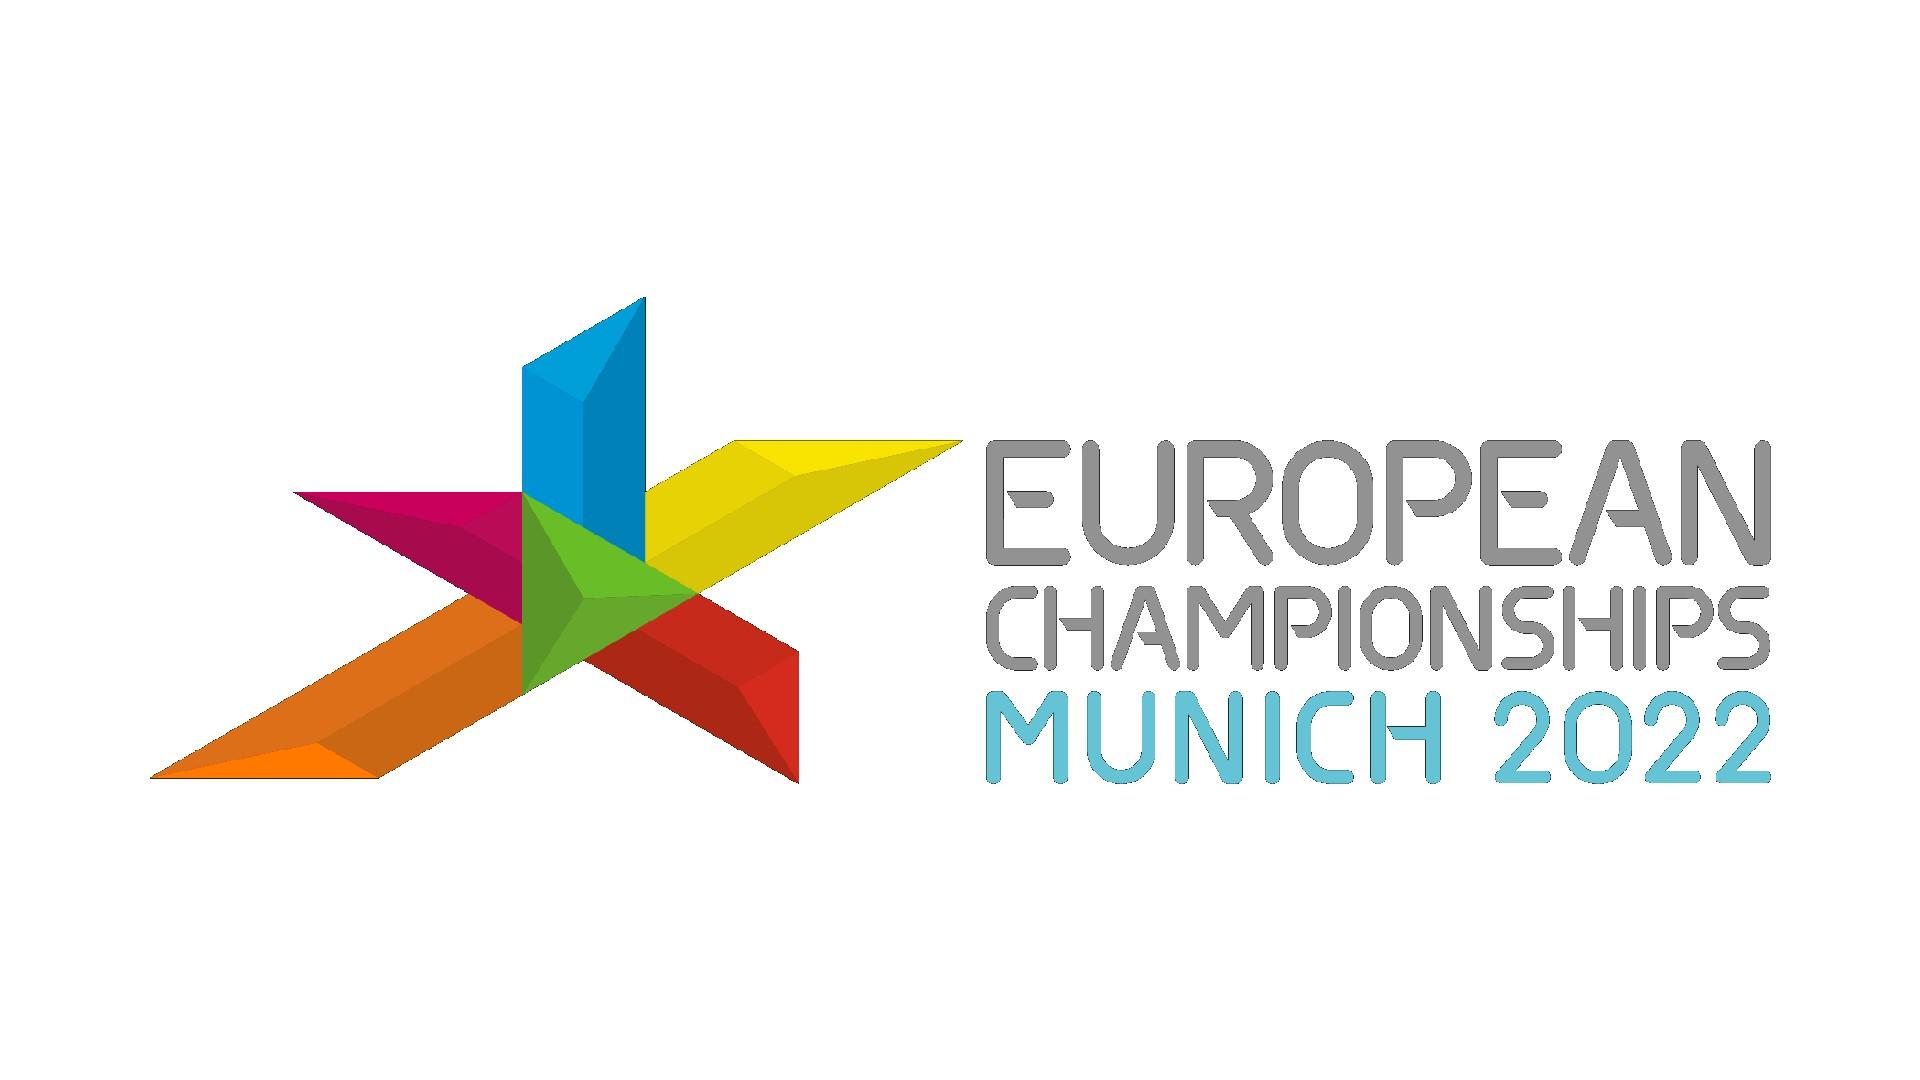 Munich 2022 (1) Championnats d'Europe